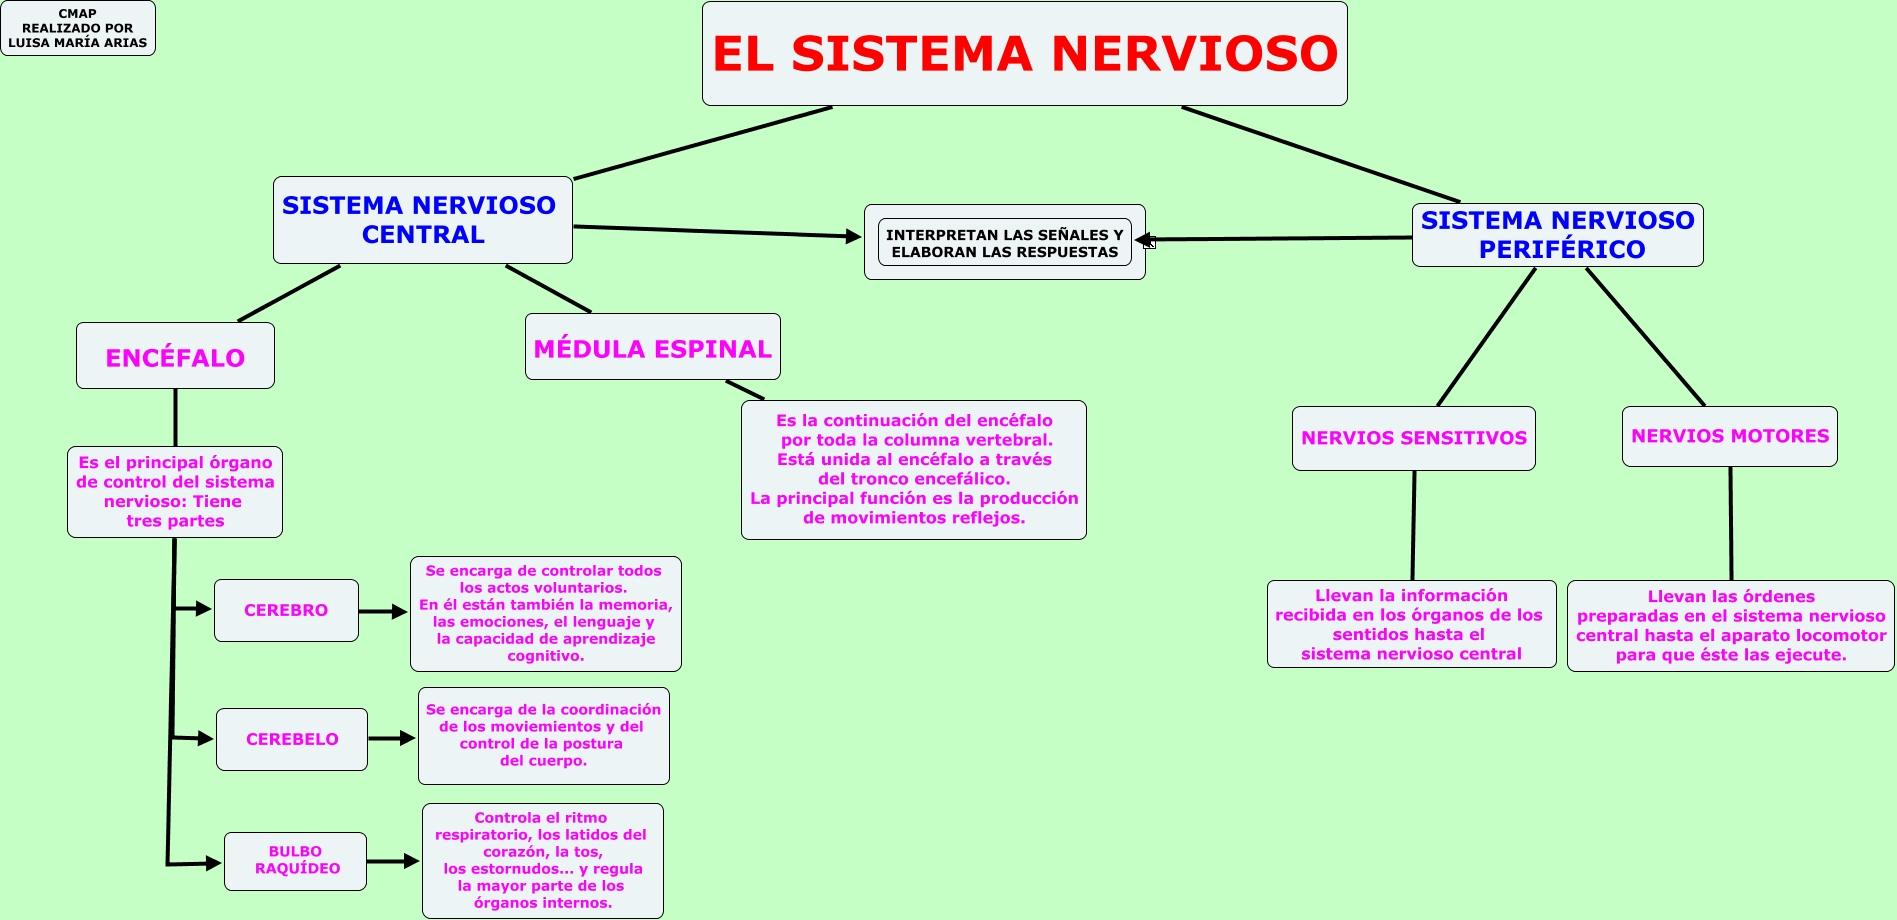 Cuadros sinópticos sobre el Sistema Nervioso Central y Periférico ...